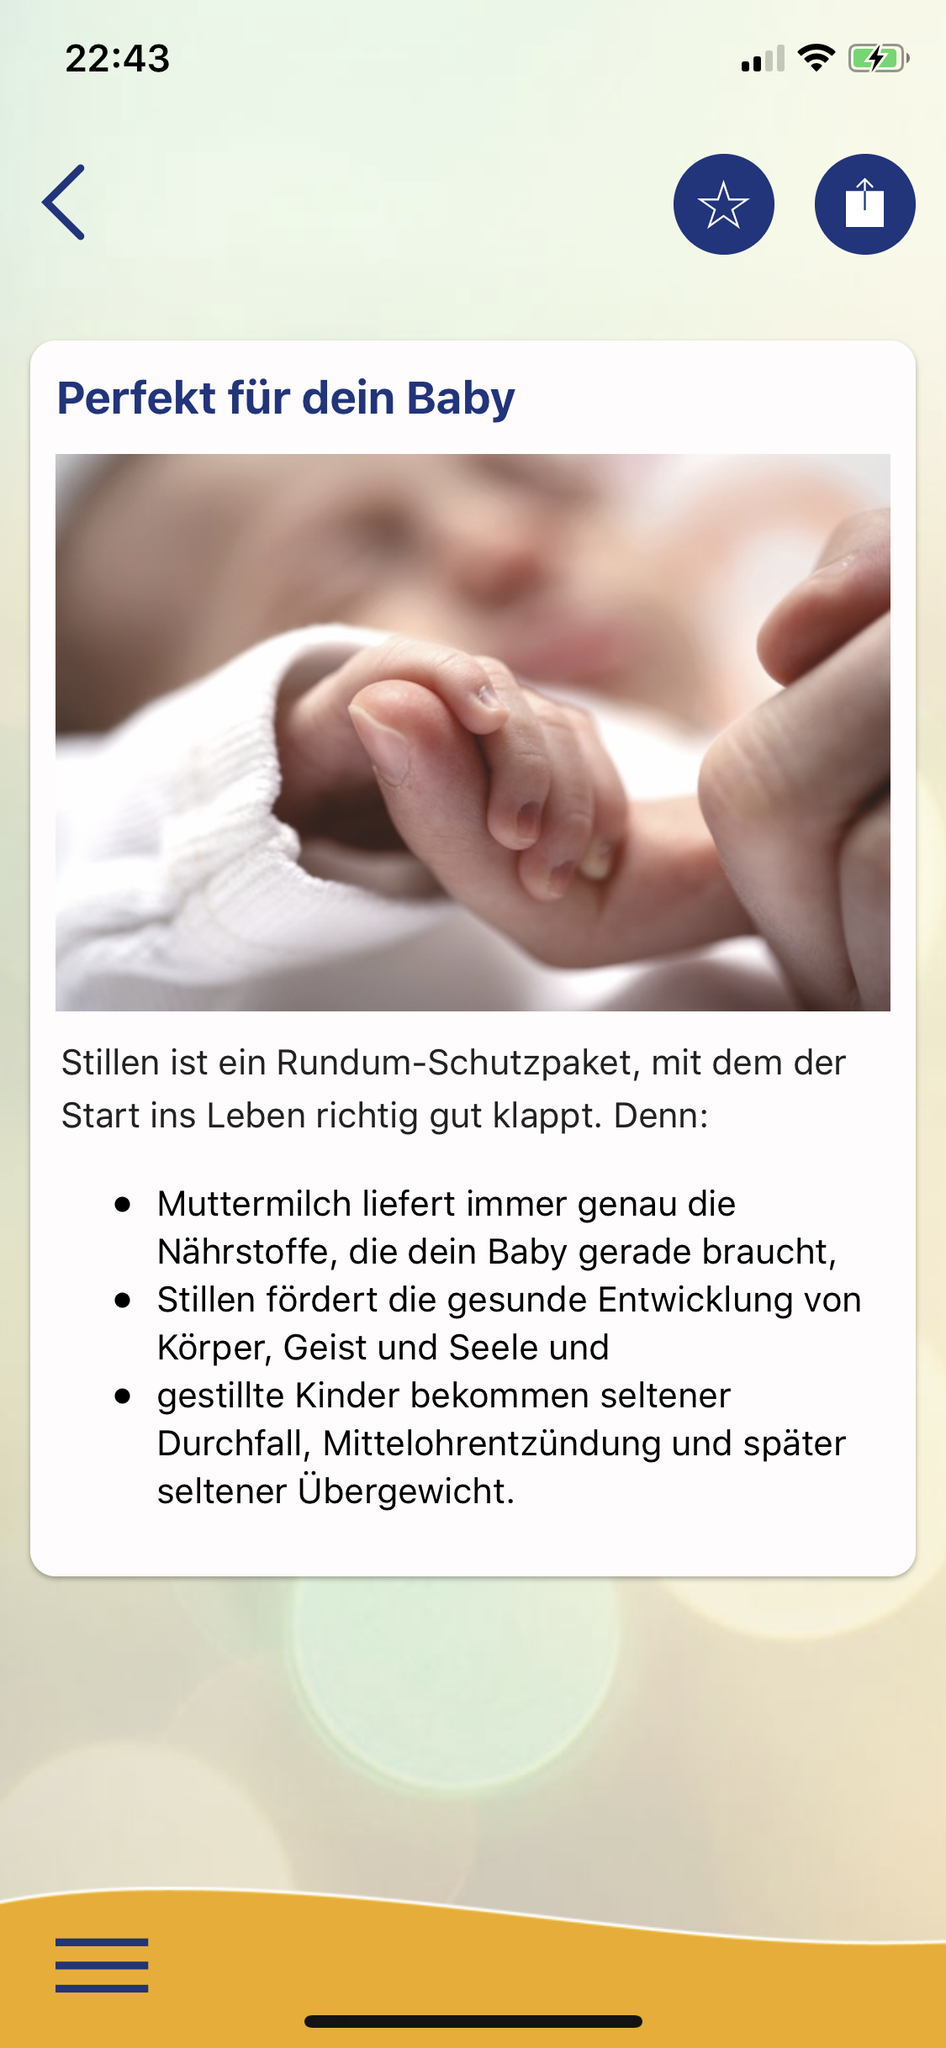 Baby & Essen: Eine auf die Ernährung von Kleinkindern ausgerichtete App für Android und iPhone.